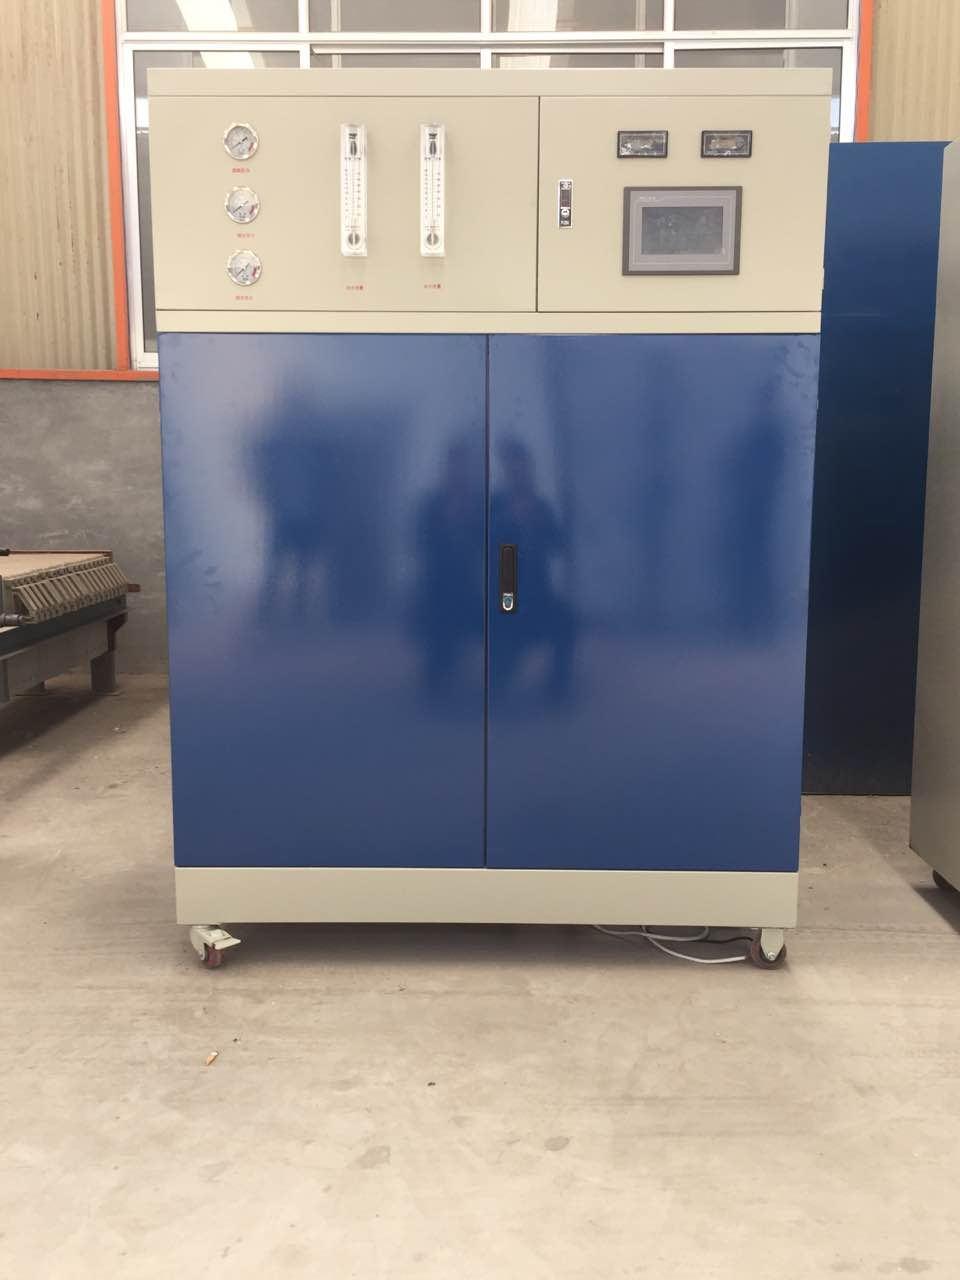 冲版水过滤机 印刷冲版水处理设备 CTP冲版机过滤设备